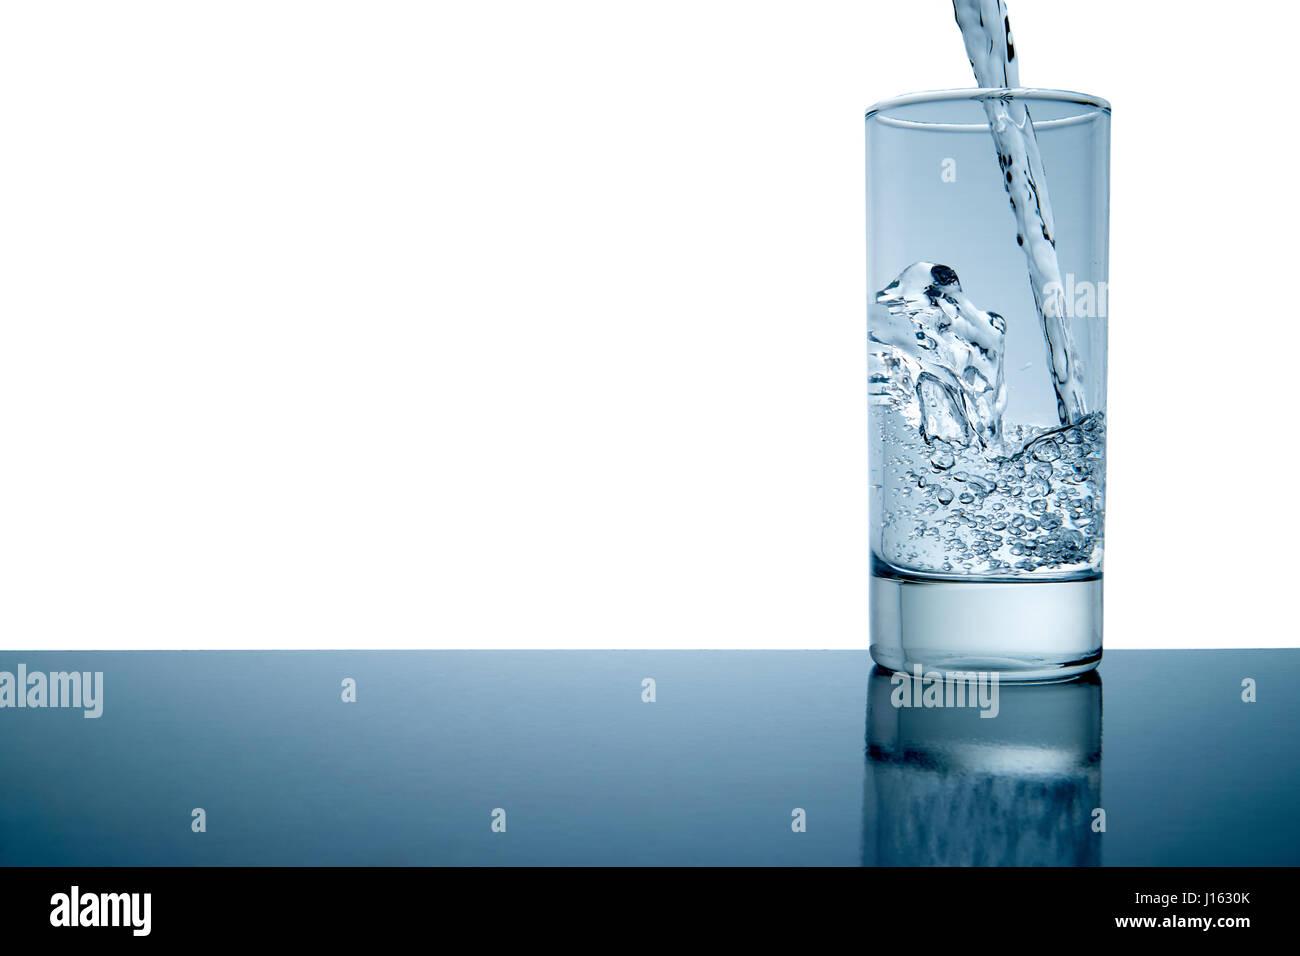 Frisches Wasser gegossen in ein Glas mit Exemplar, isoliert und blau getönt Stockbild